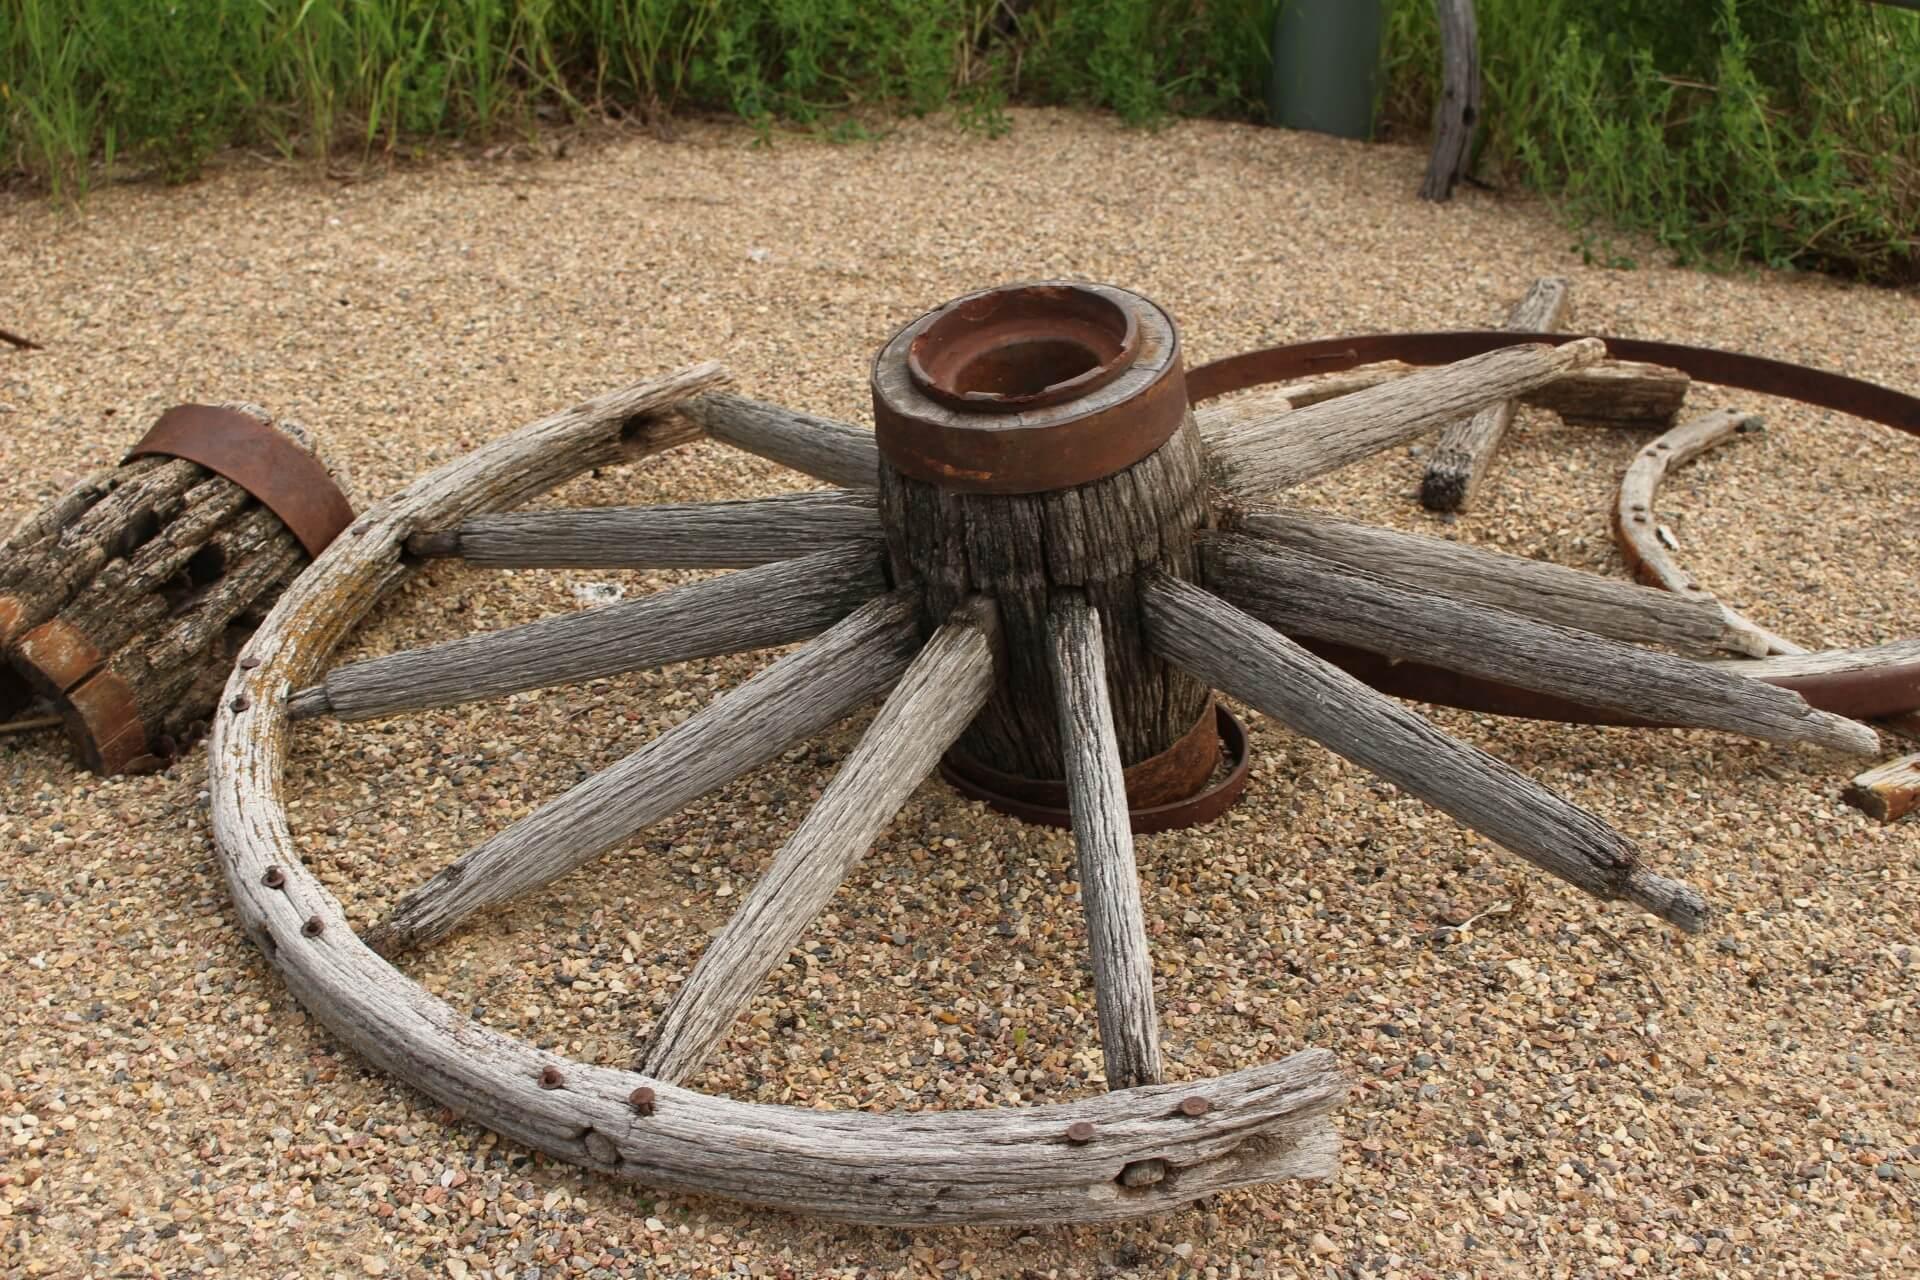 CC0 Public Domain, Broken Wagon Wheel by Kevin Casper, http://www.publicdomainpictures.net/view-image.php?image=91573&picture=broken-wagon-wheel